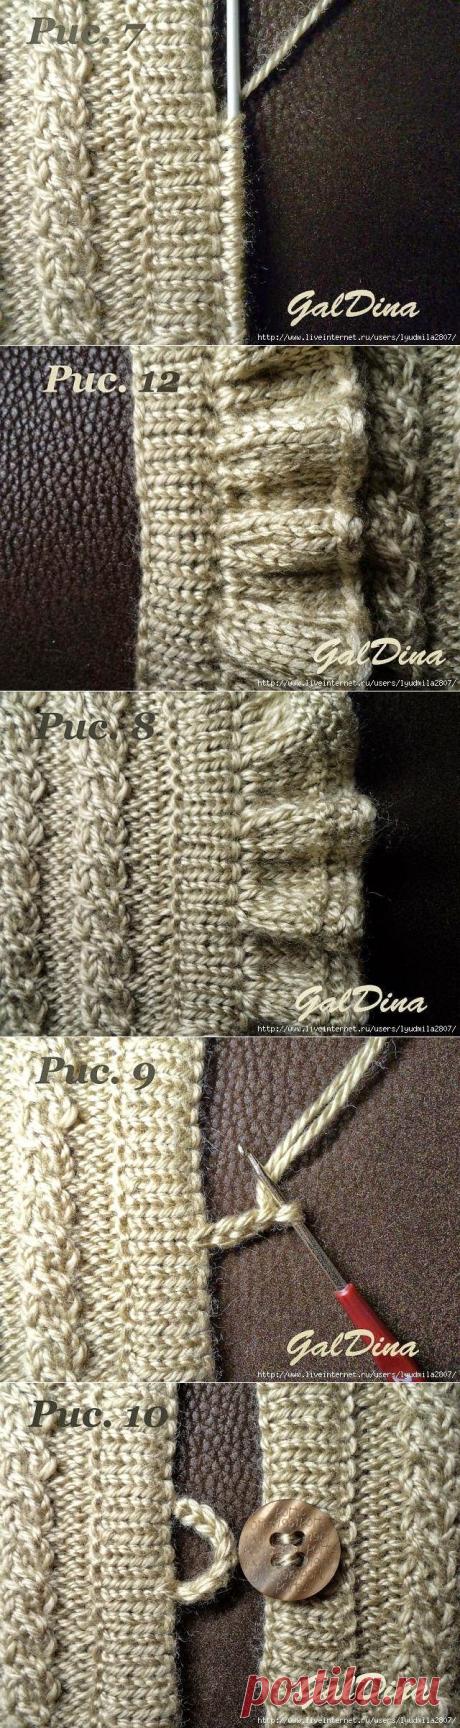 Уроки вязания: Обработка планок. Мастер-Класс от Любови Галдиной